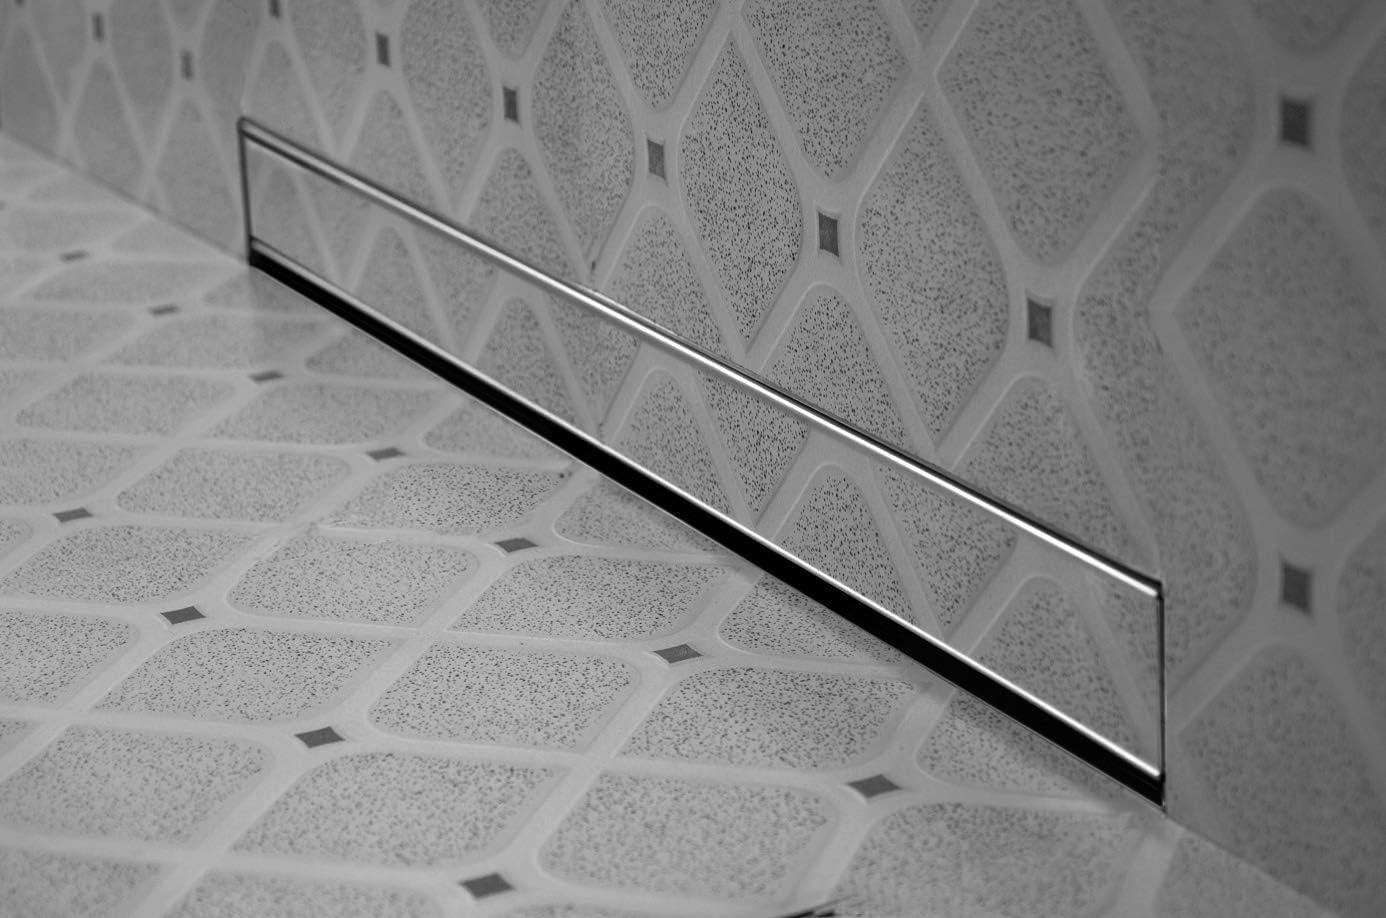 Plateado desag/üe para desag/üe de ba/ño VBChome Desag/üe de pared para ducha con sistema de autolimpieza sif/ón con parada de olores juego completo tama/ños 60-100 cm